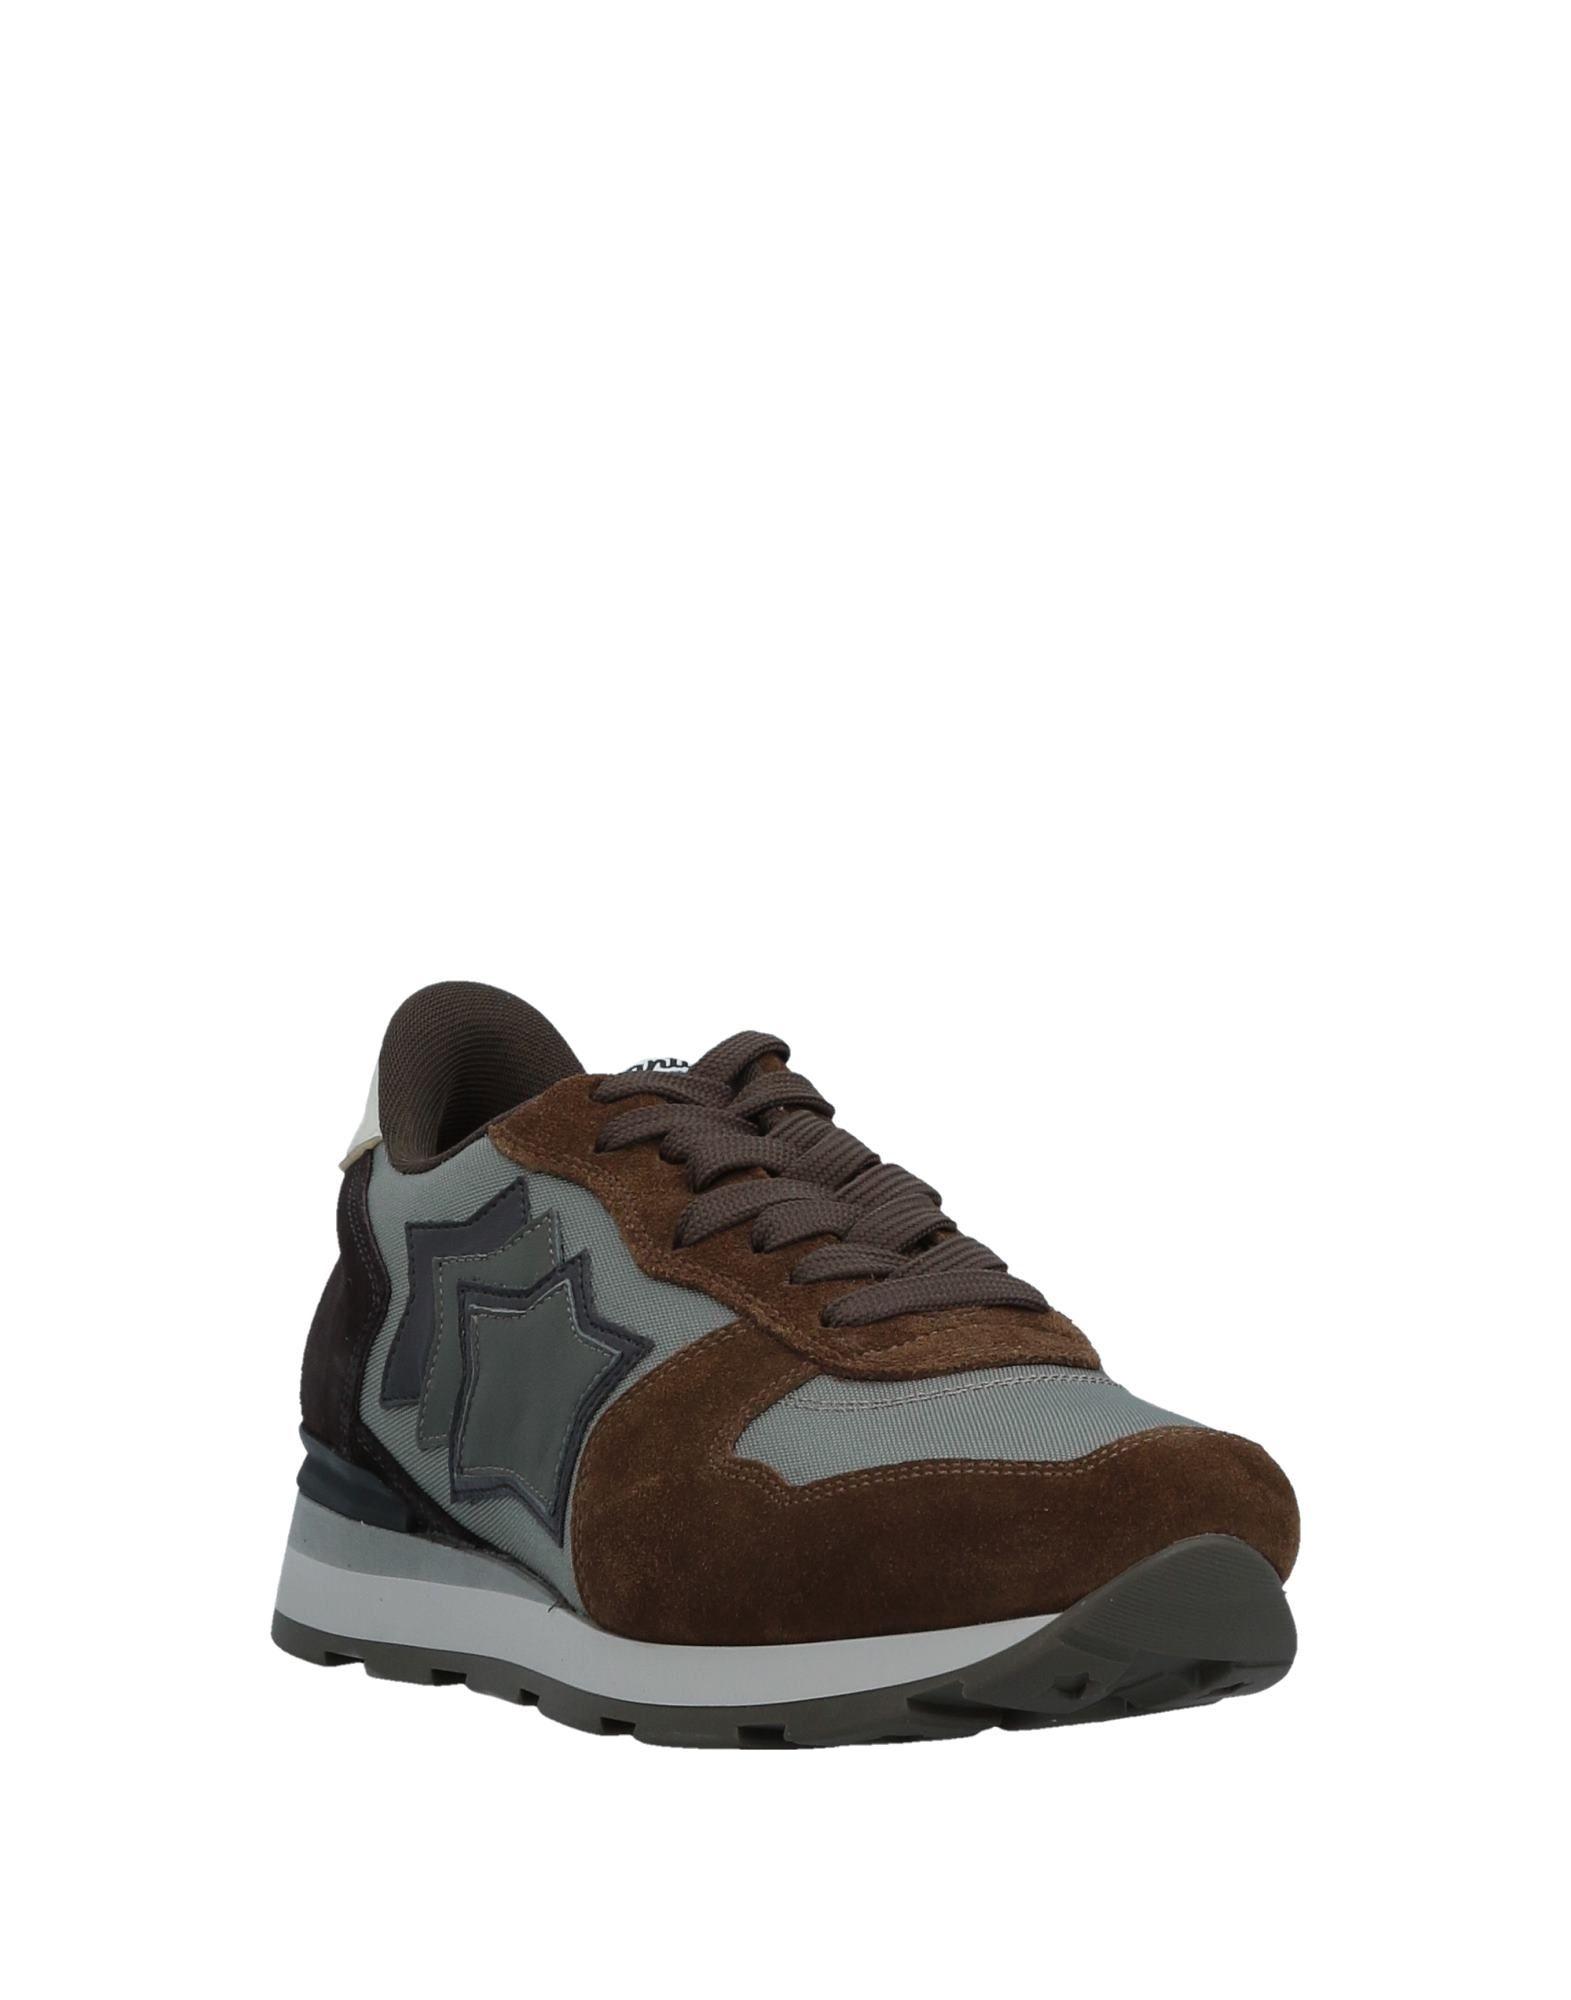 Sneakers Atlantic Stars Uomo - 11517930MV